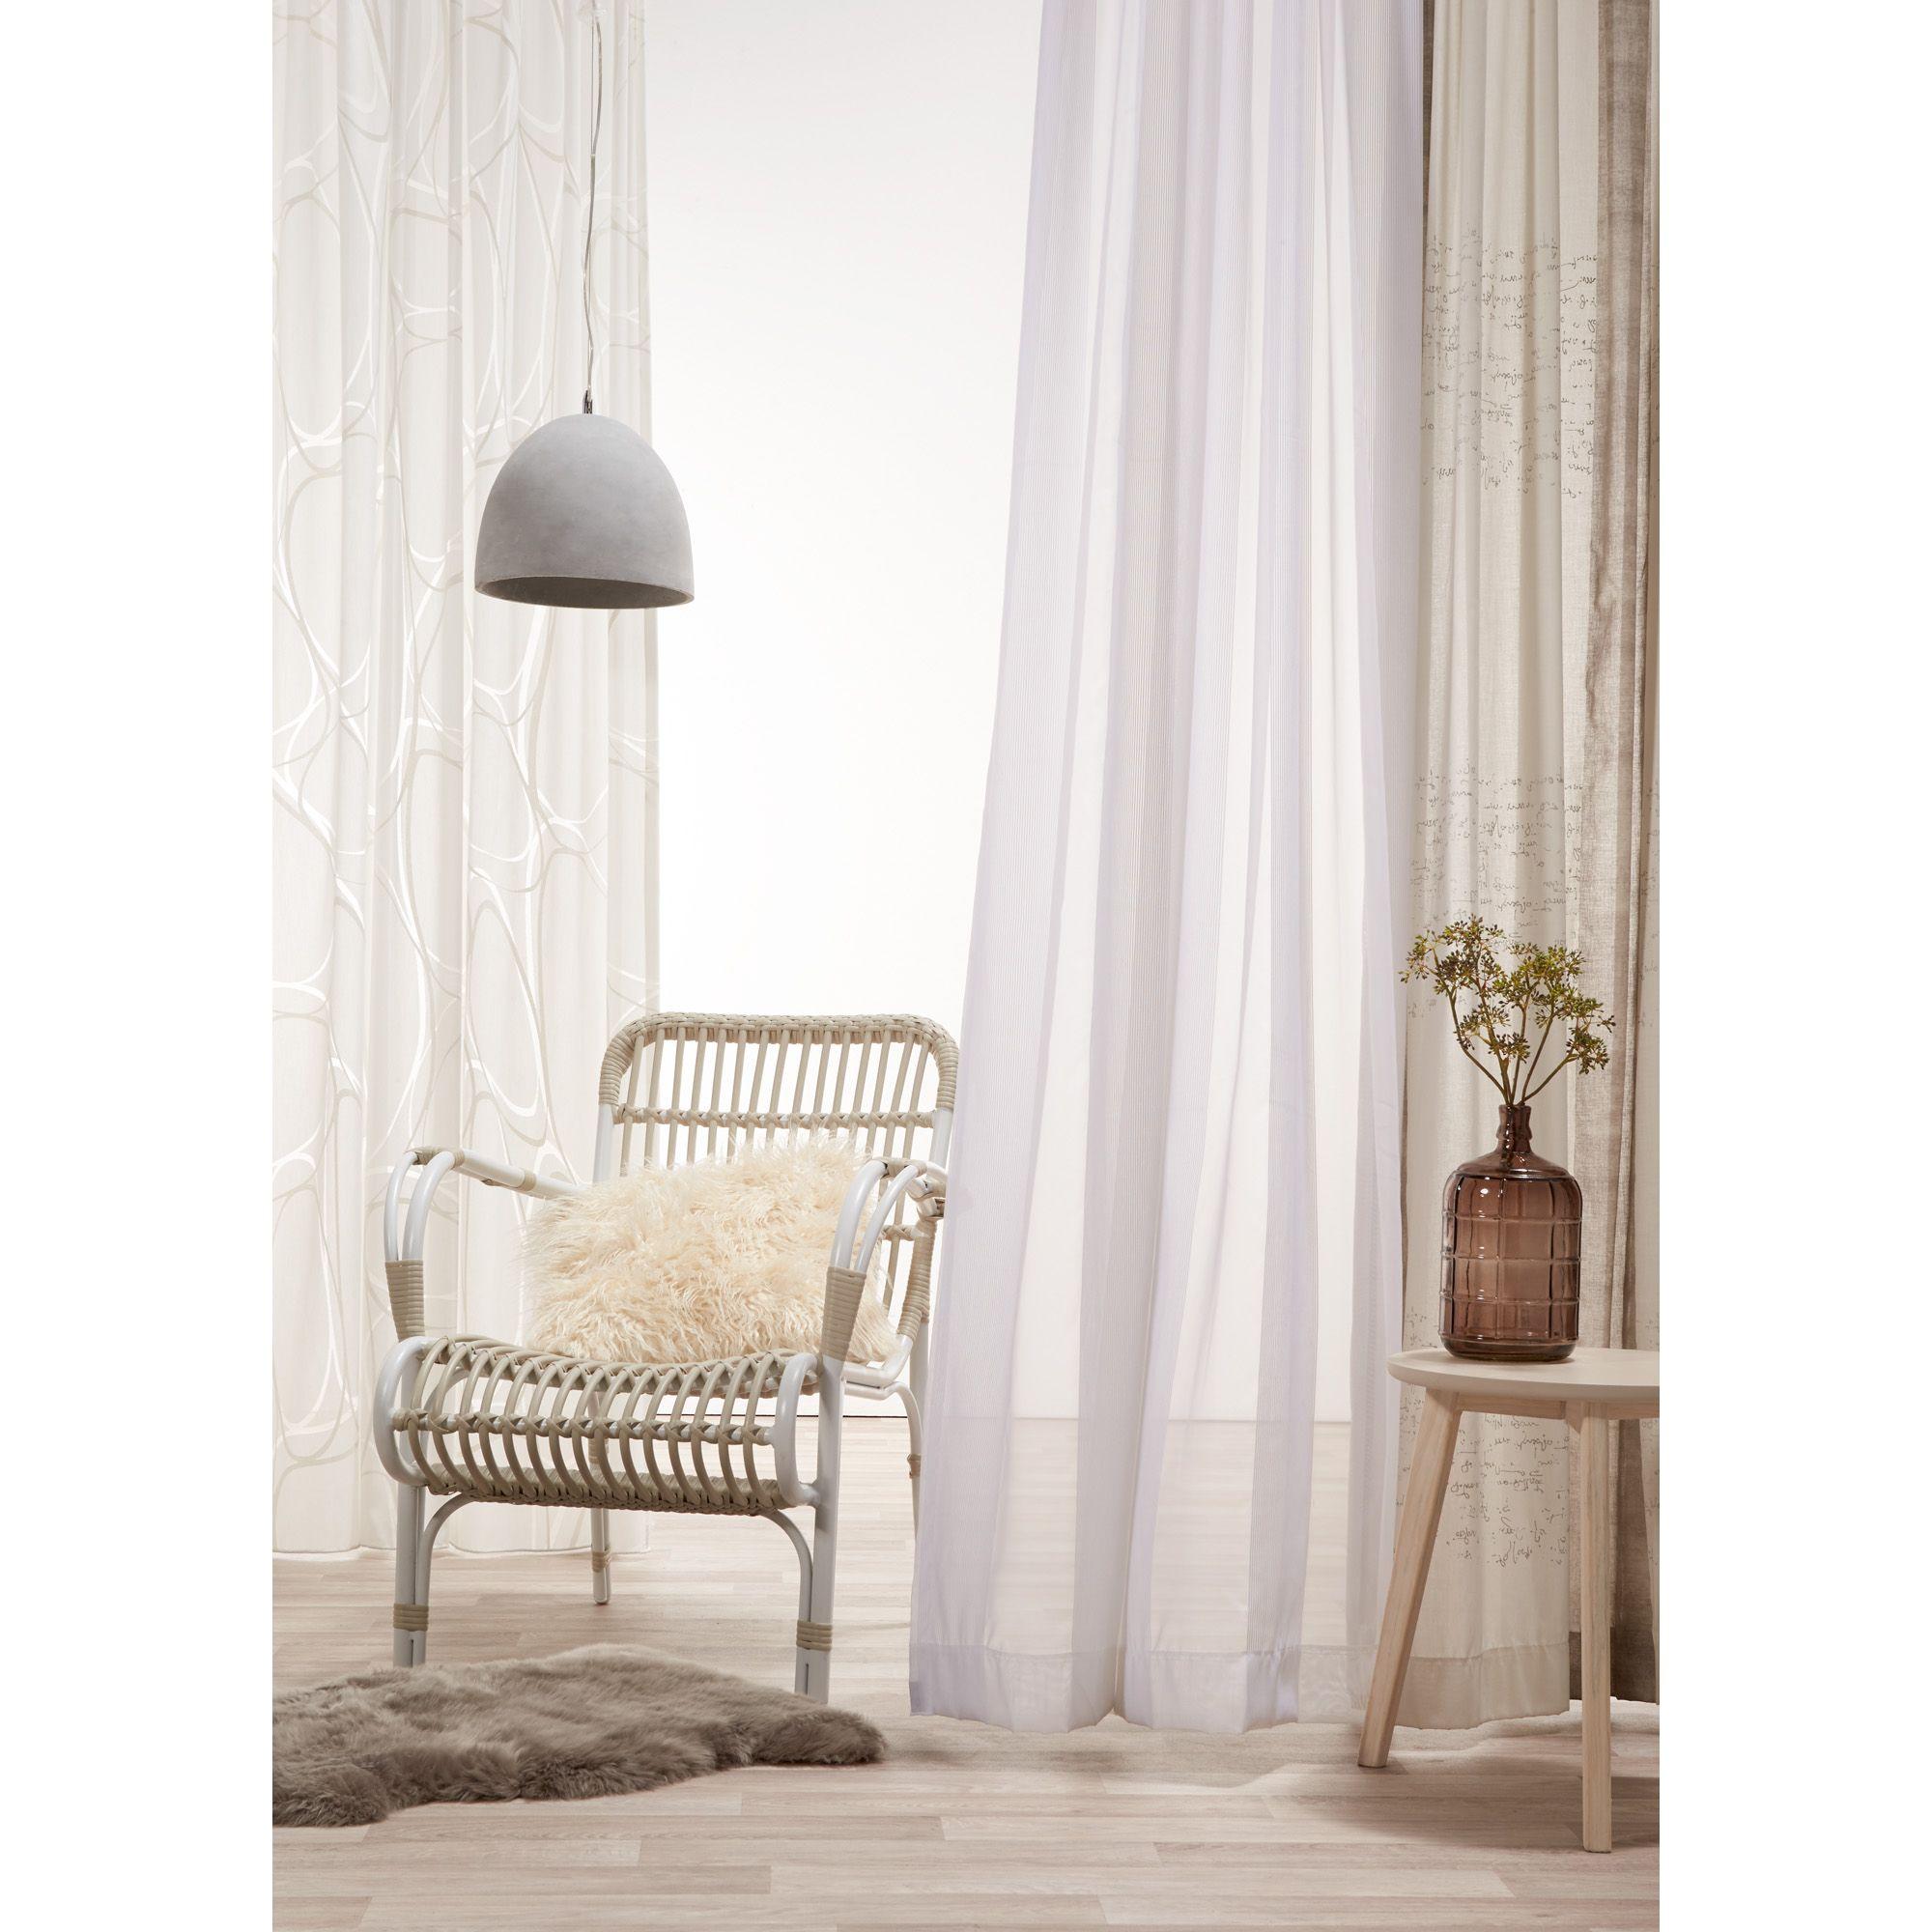 Luid het voorjaar in met poedertinten! #woonkamer #wonen #interieur ...